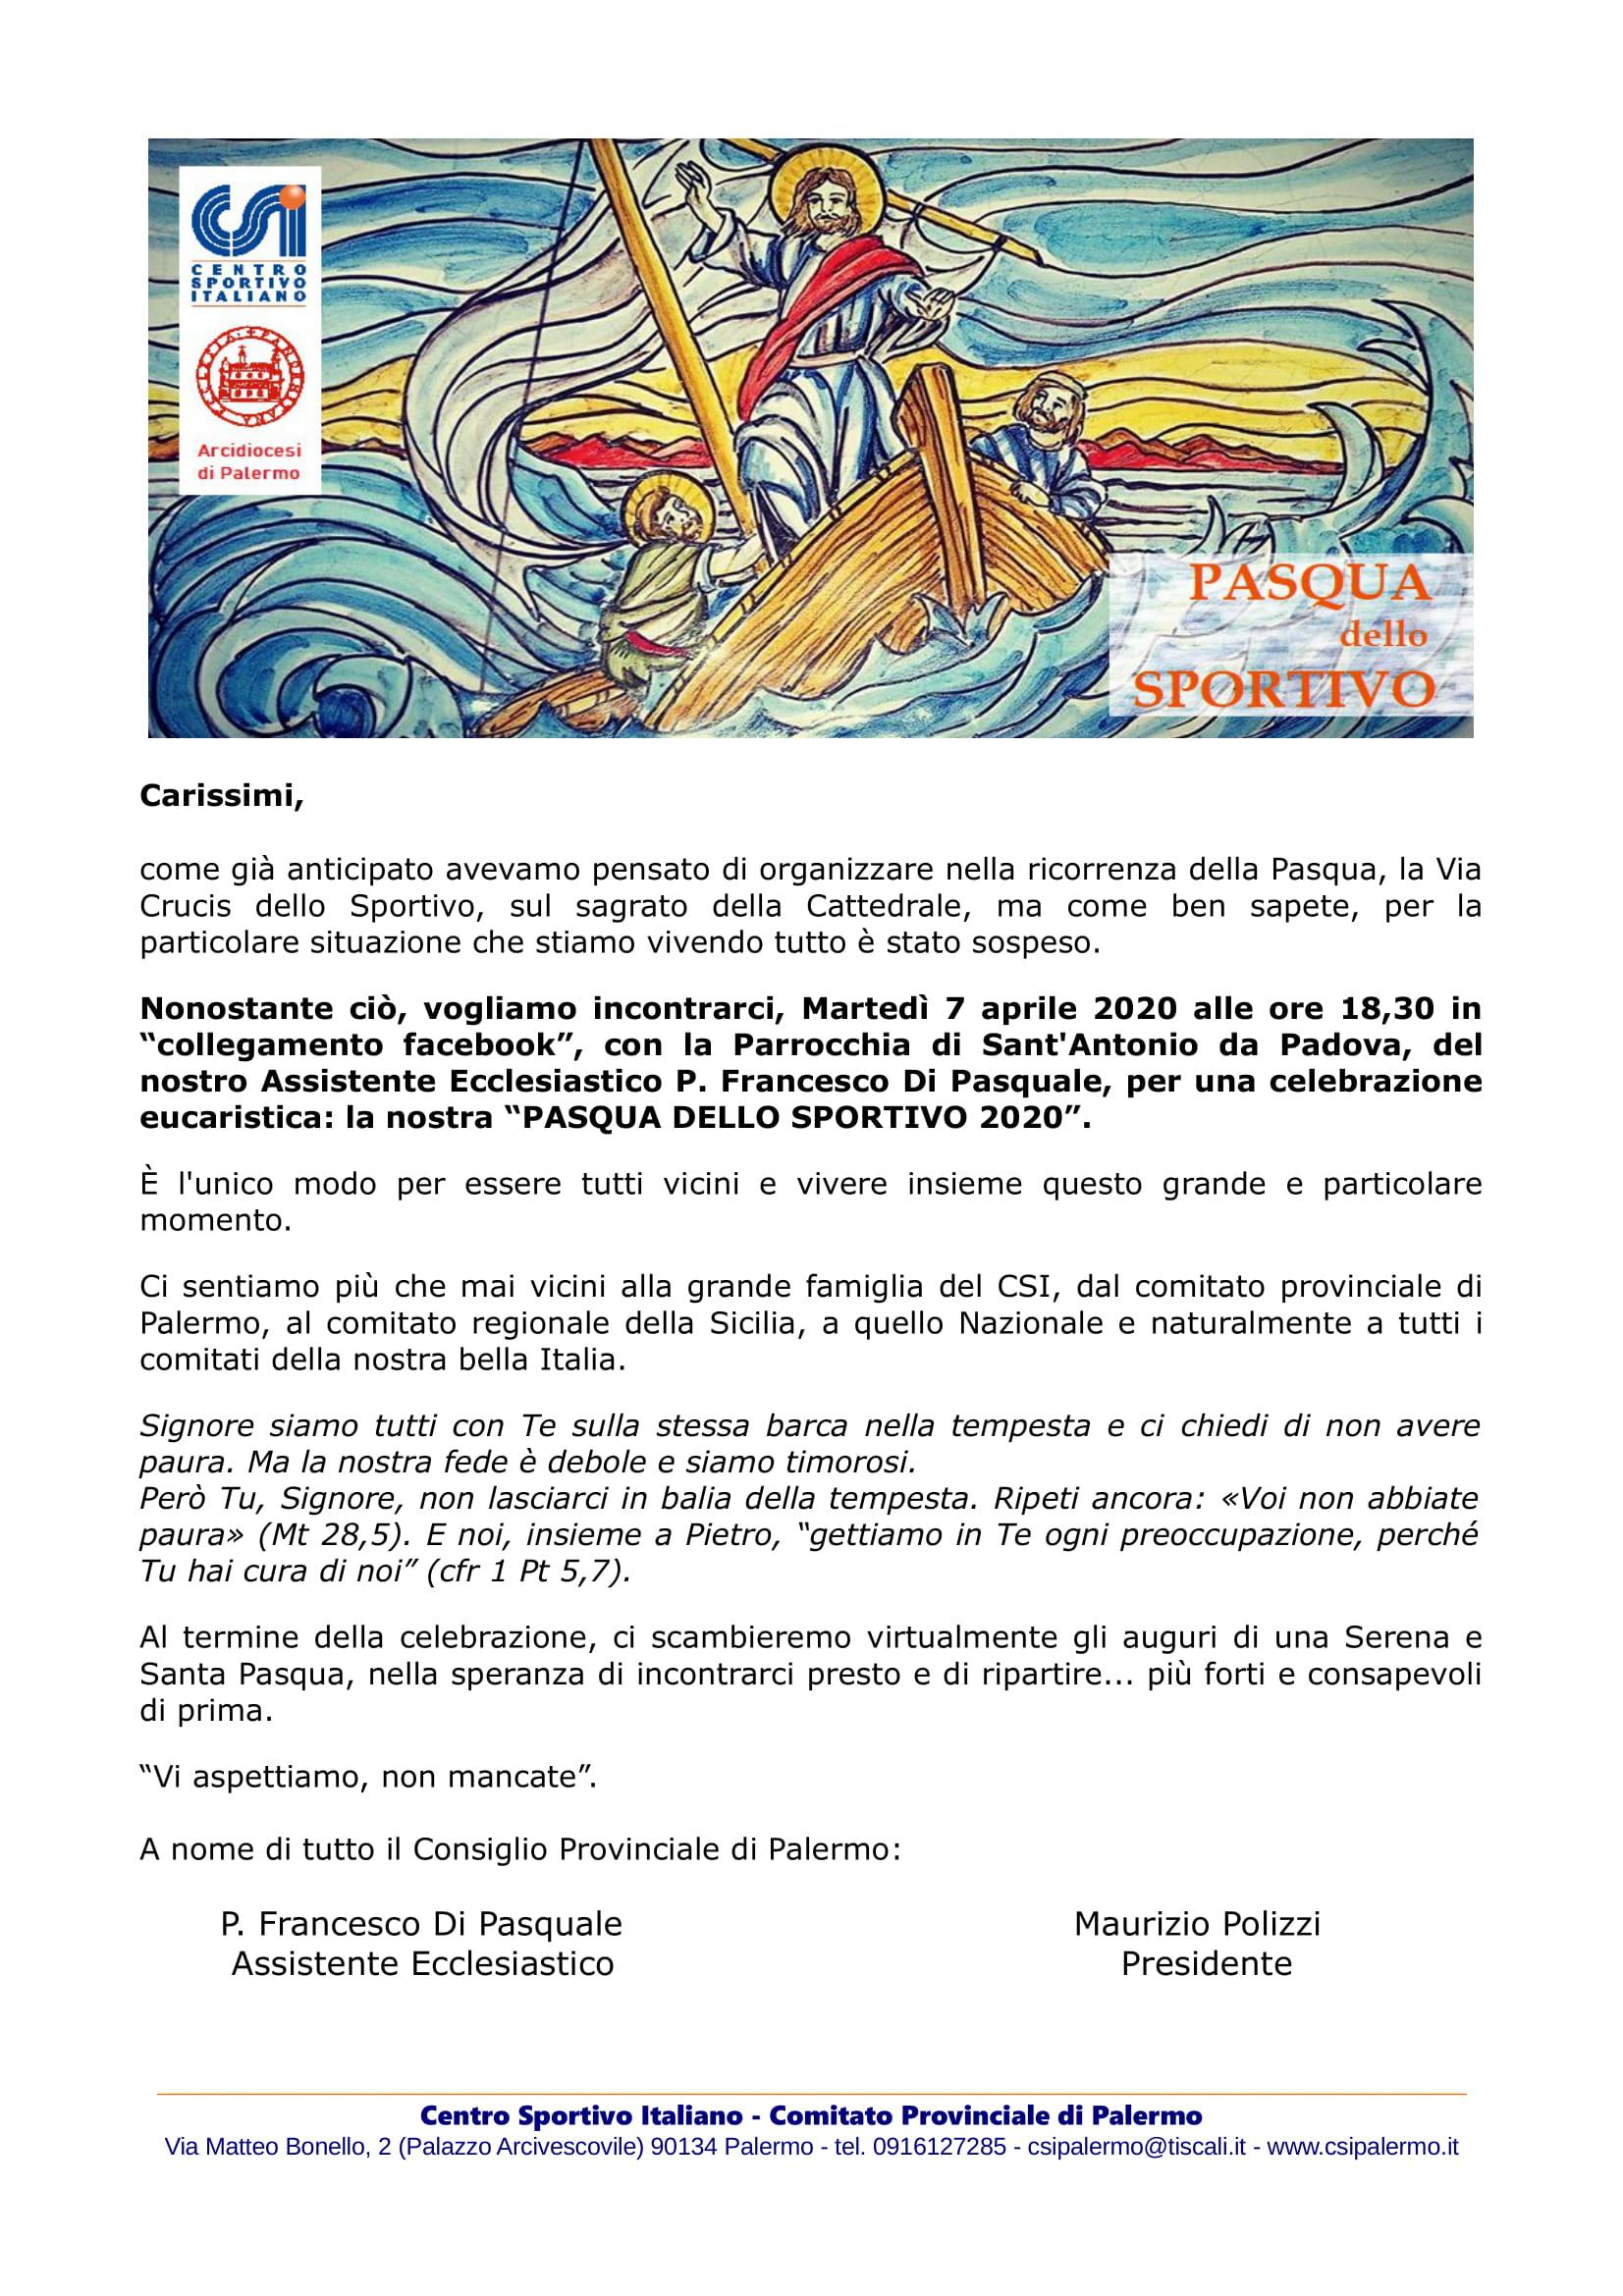 Pasqua dello Sportivo 7 Aprile 2020 ore 18,30